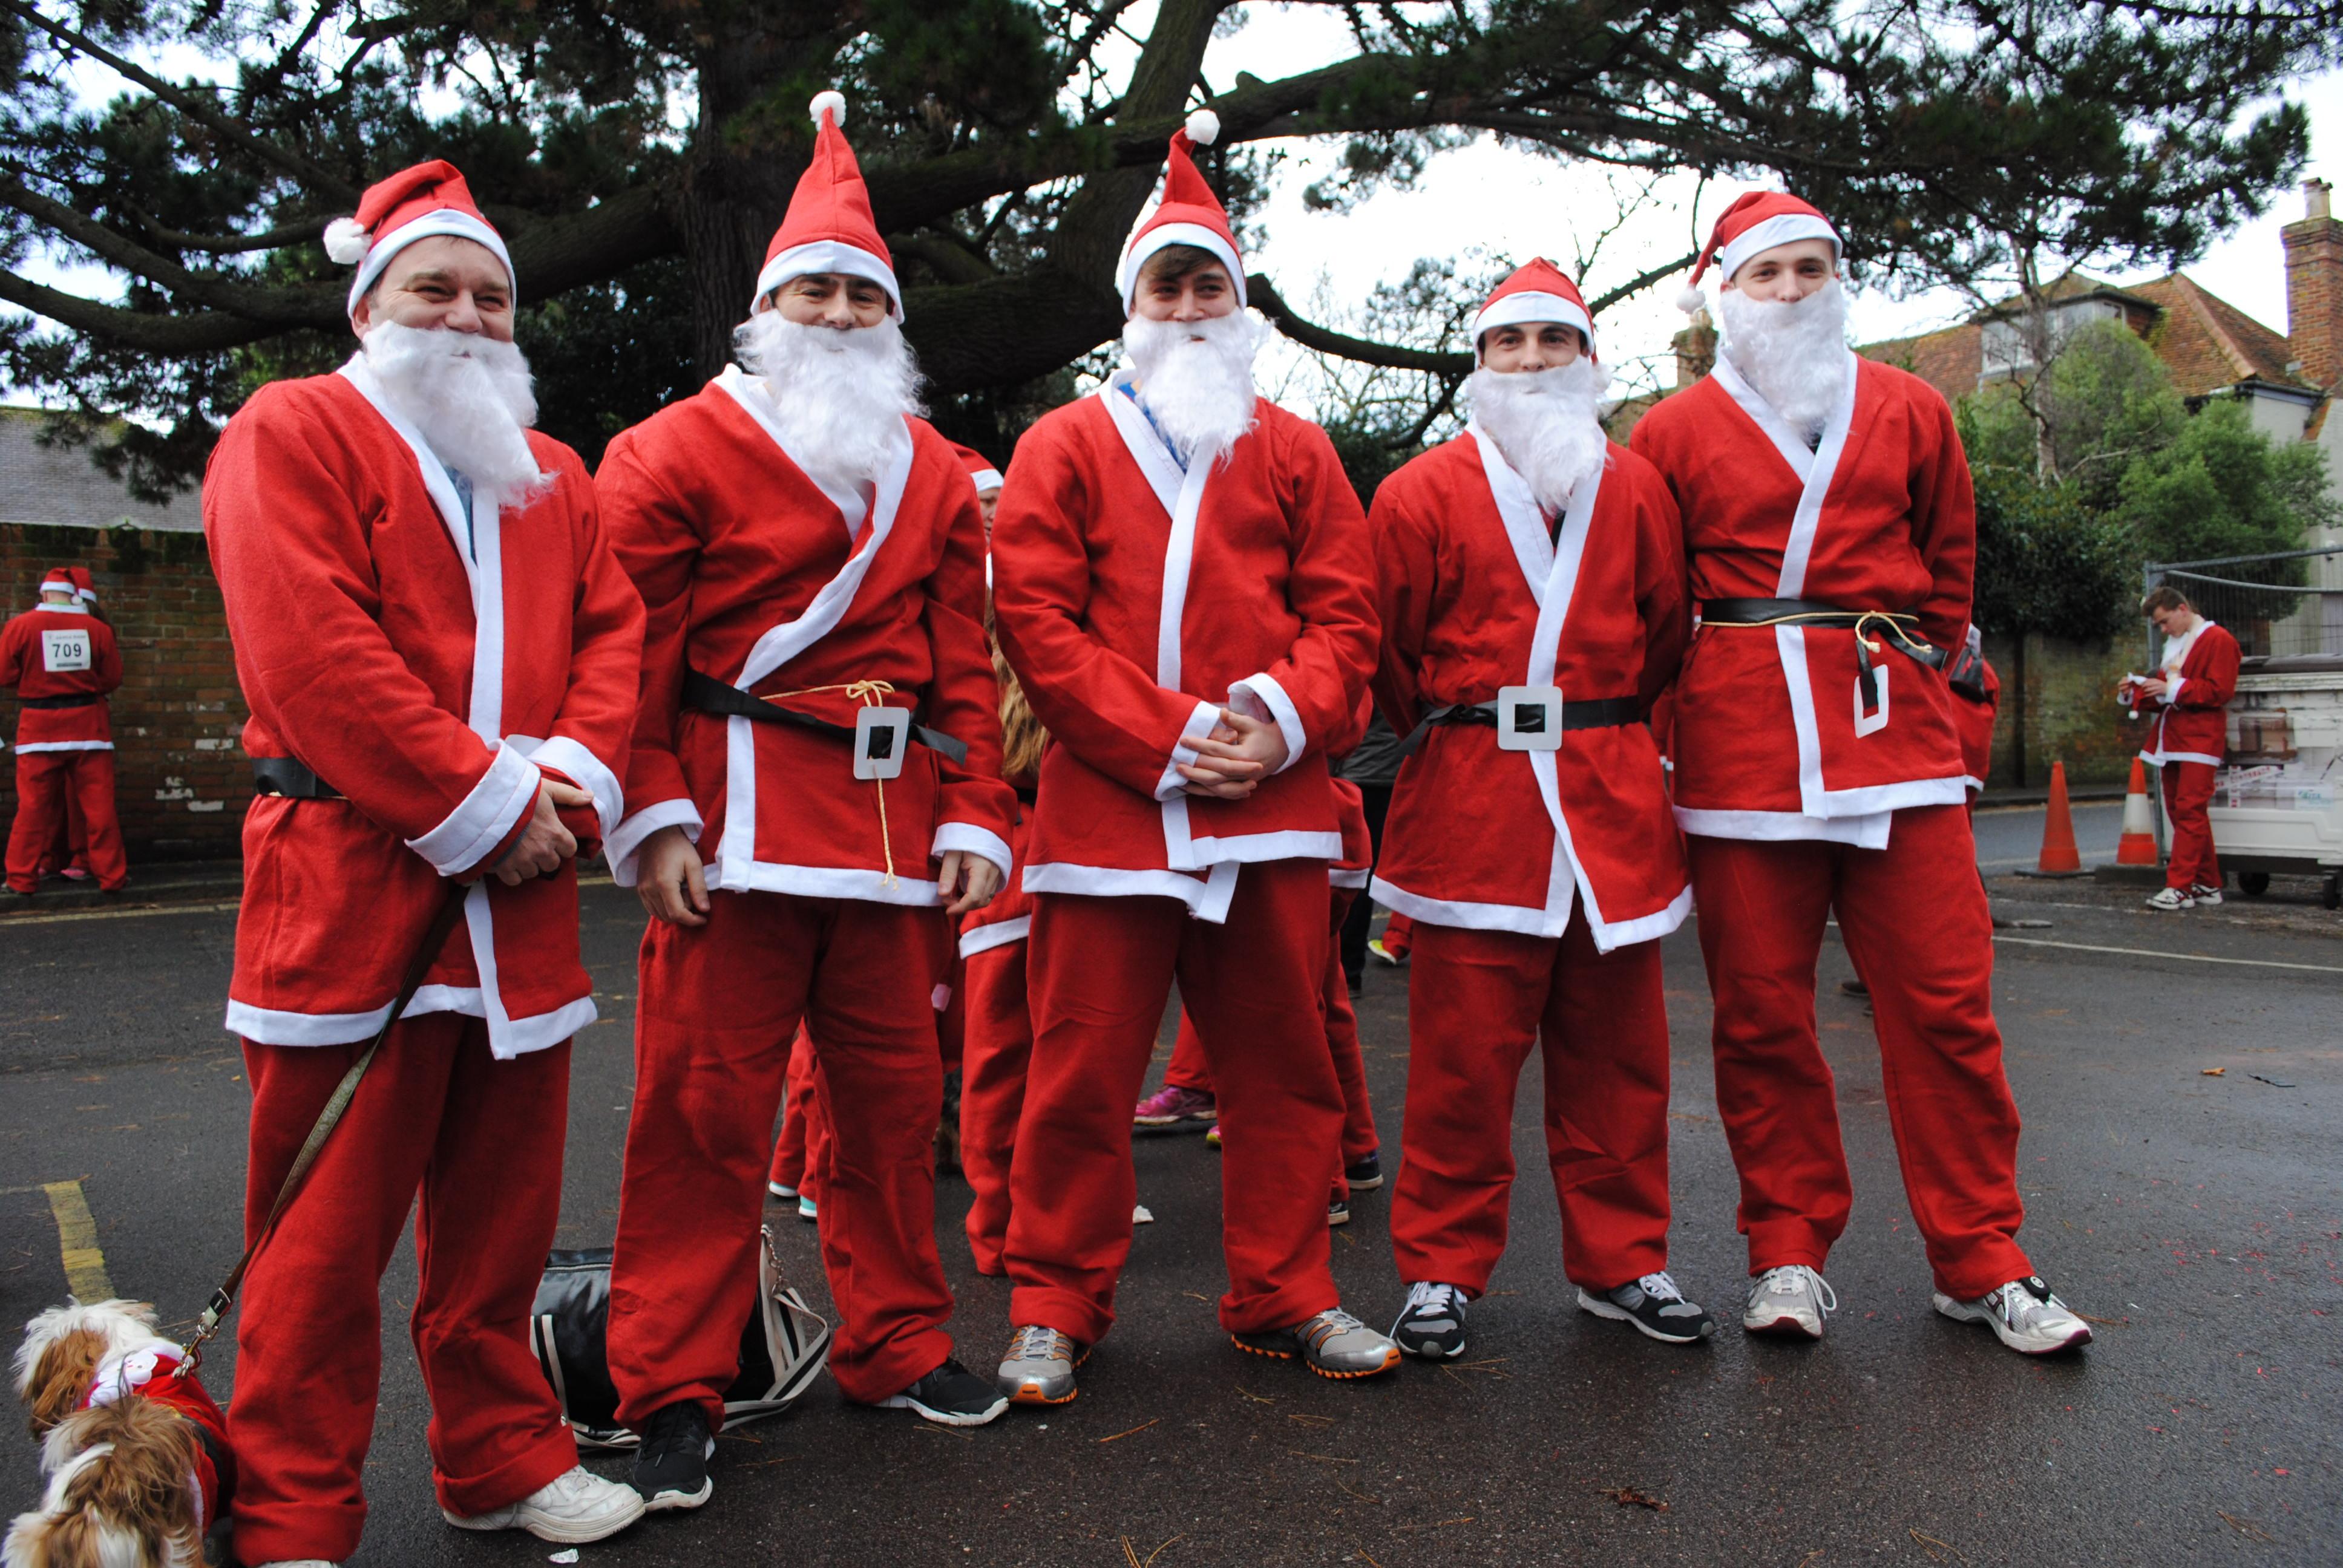 Dashing for Santa!